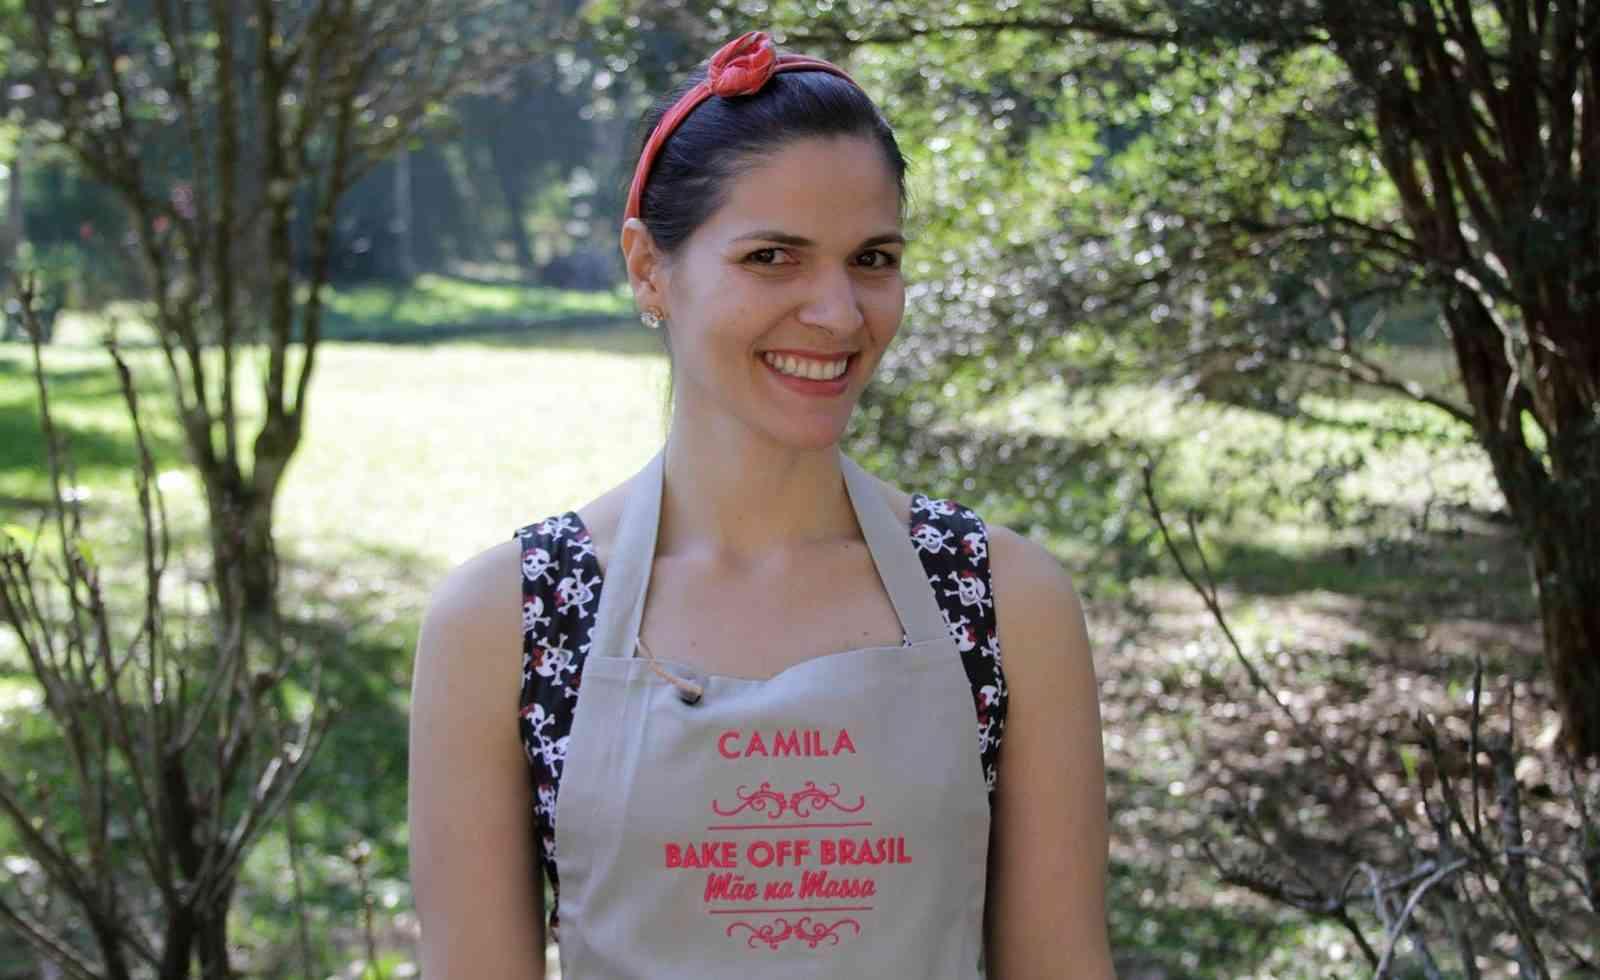 Camila Poli bake off brasil est� em busca de novos competidores   woo